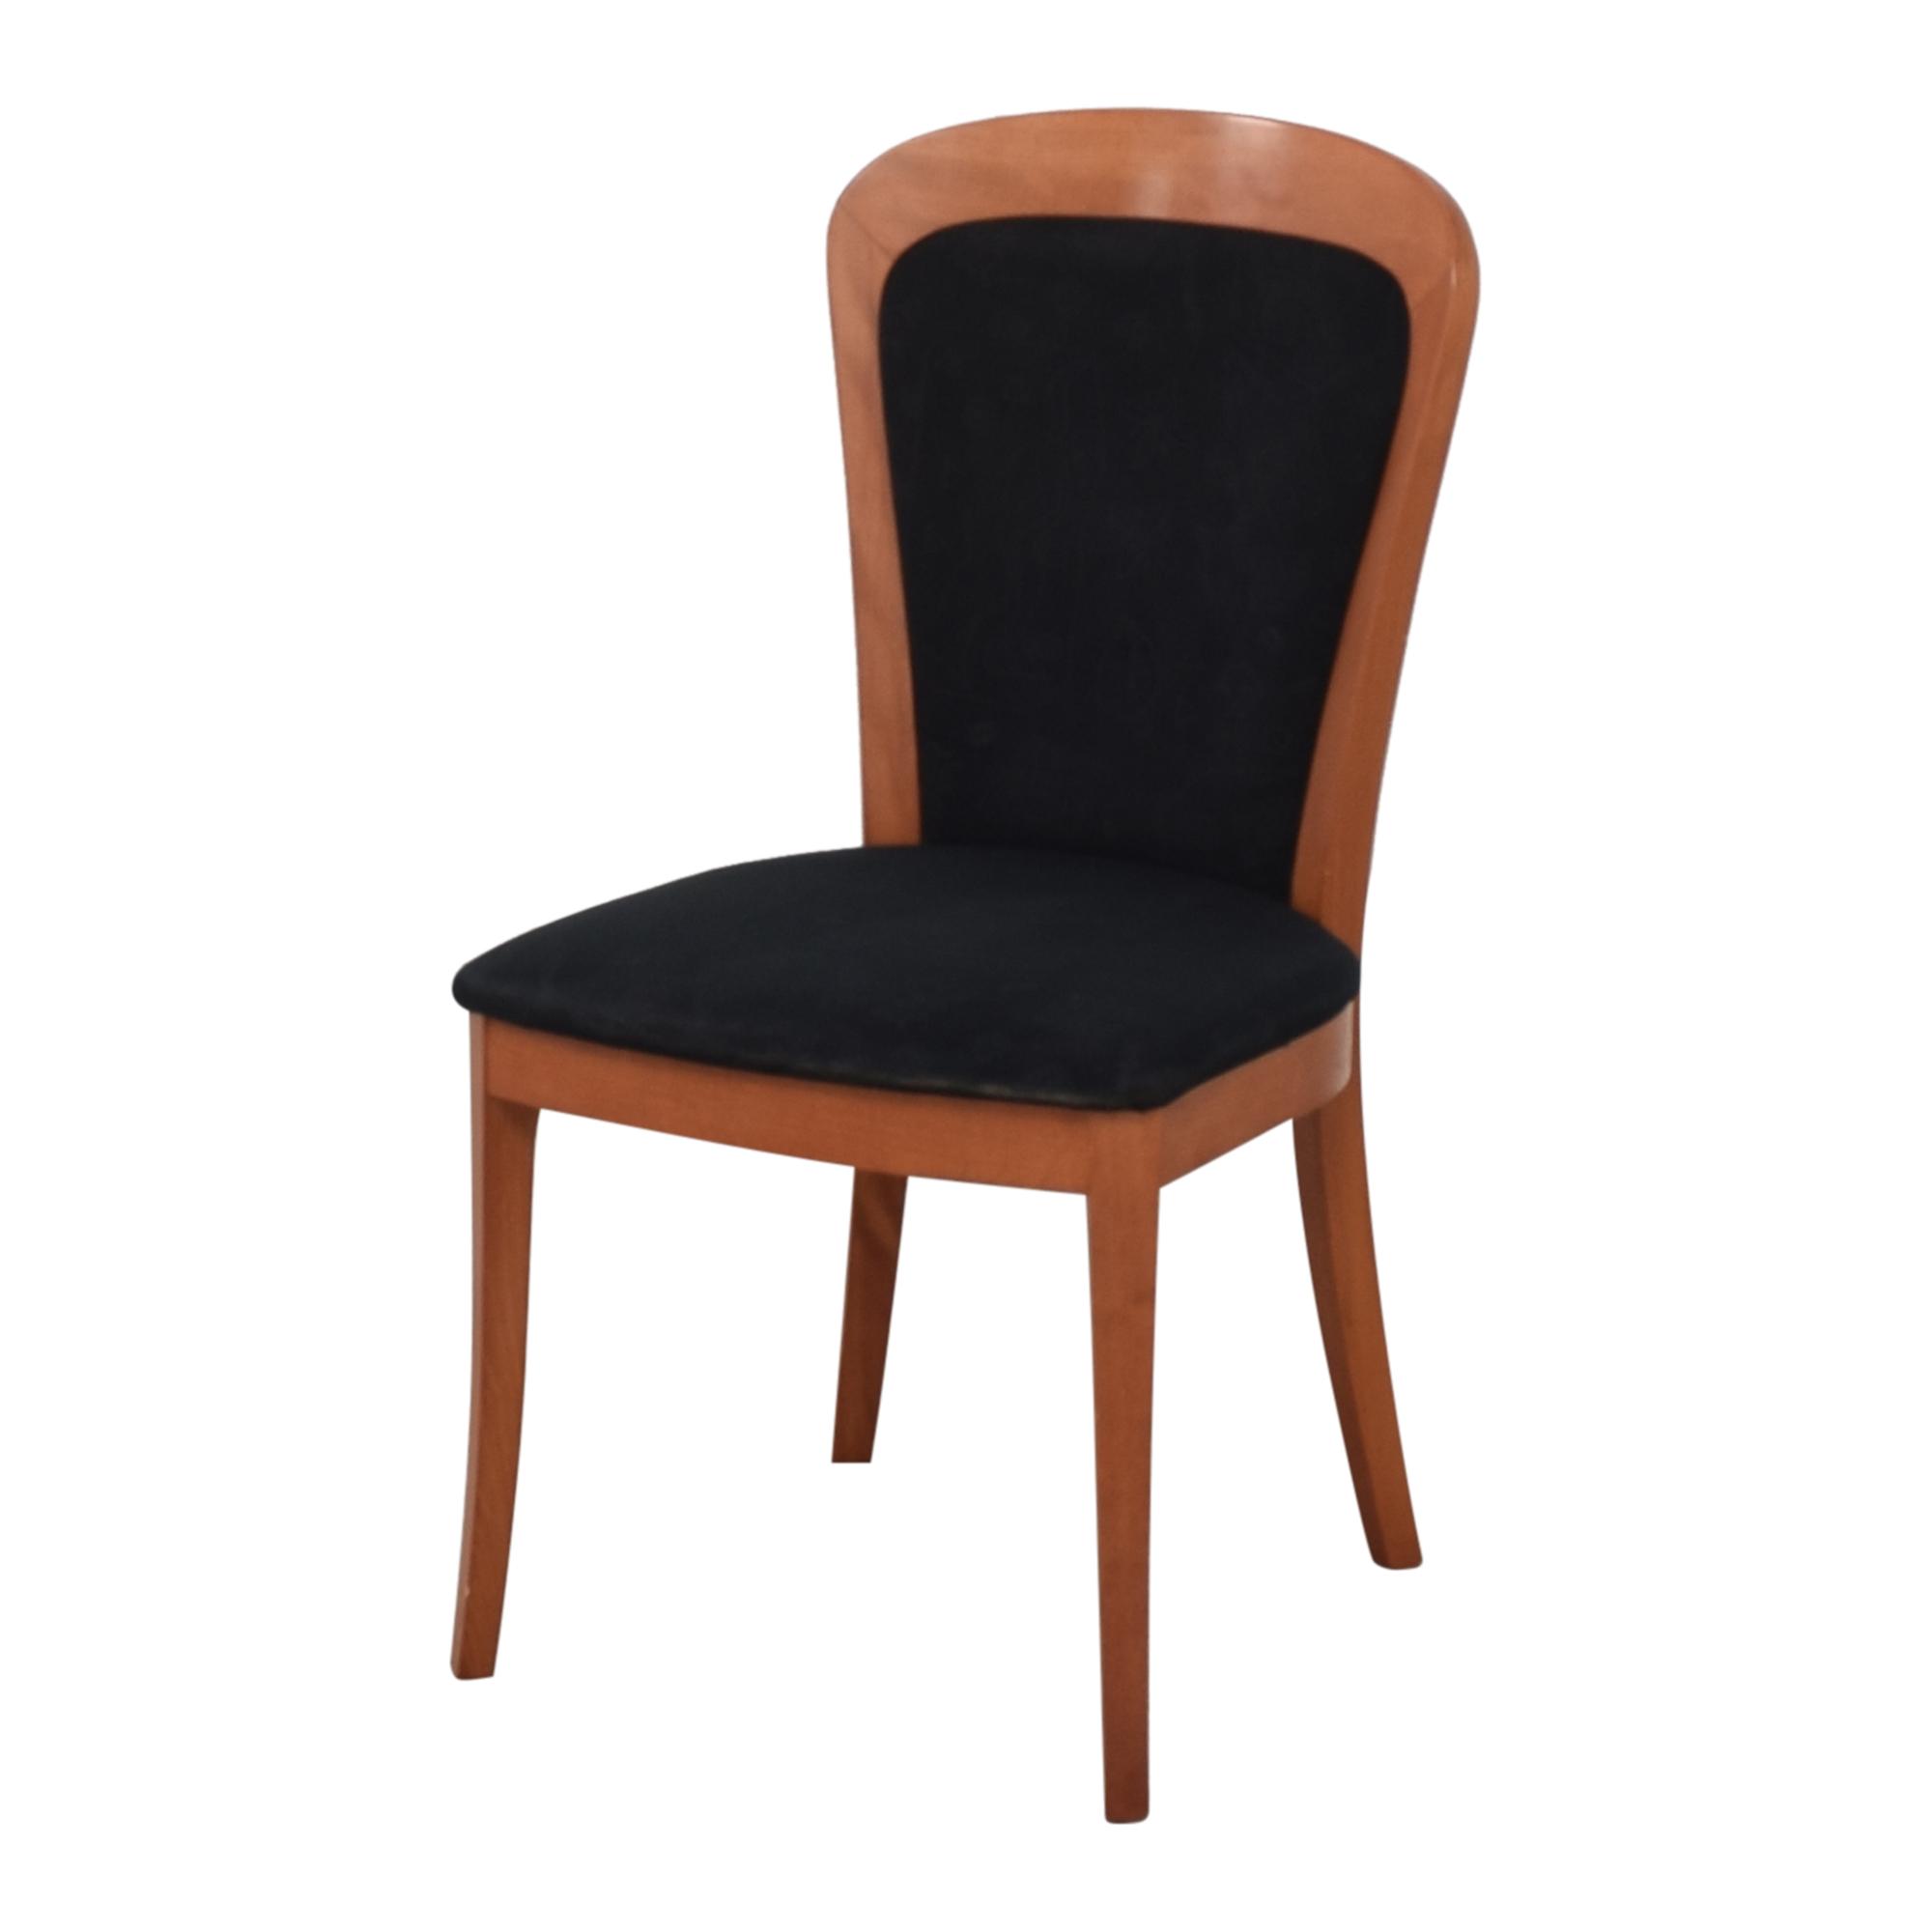 SA A. Sibau SA A. Sibau Dining Chairs for sale